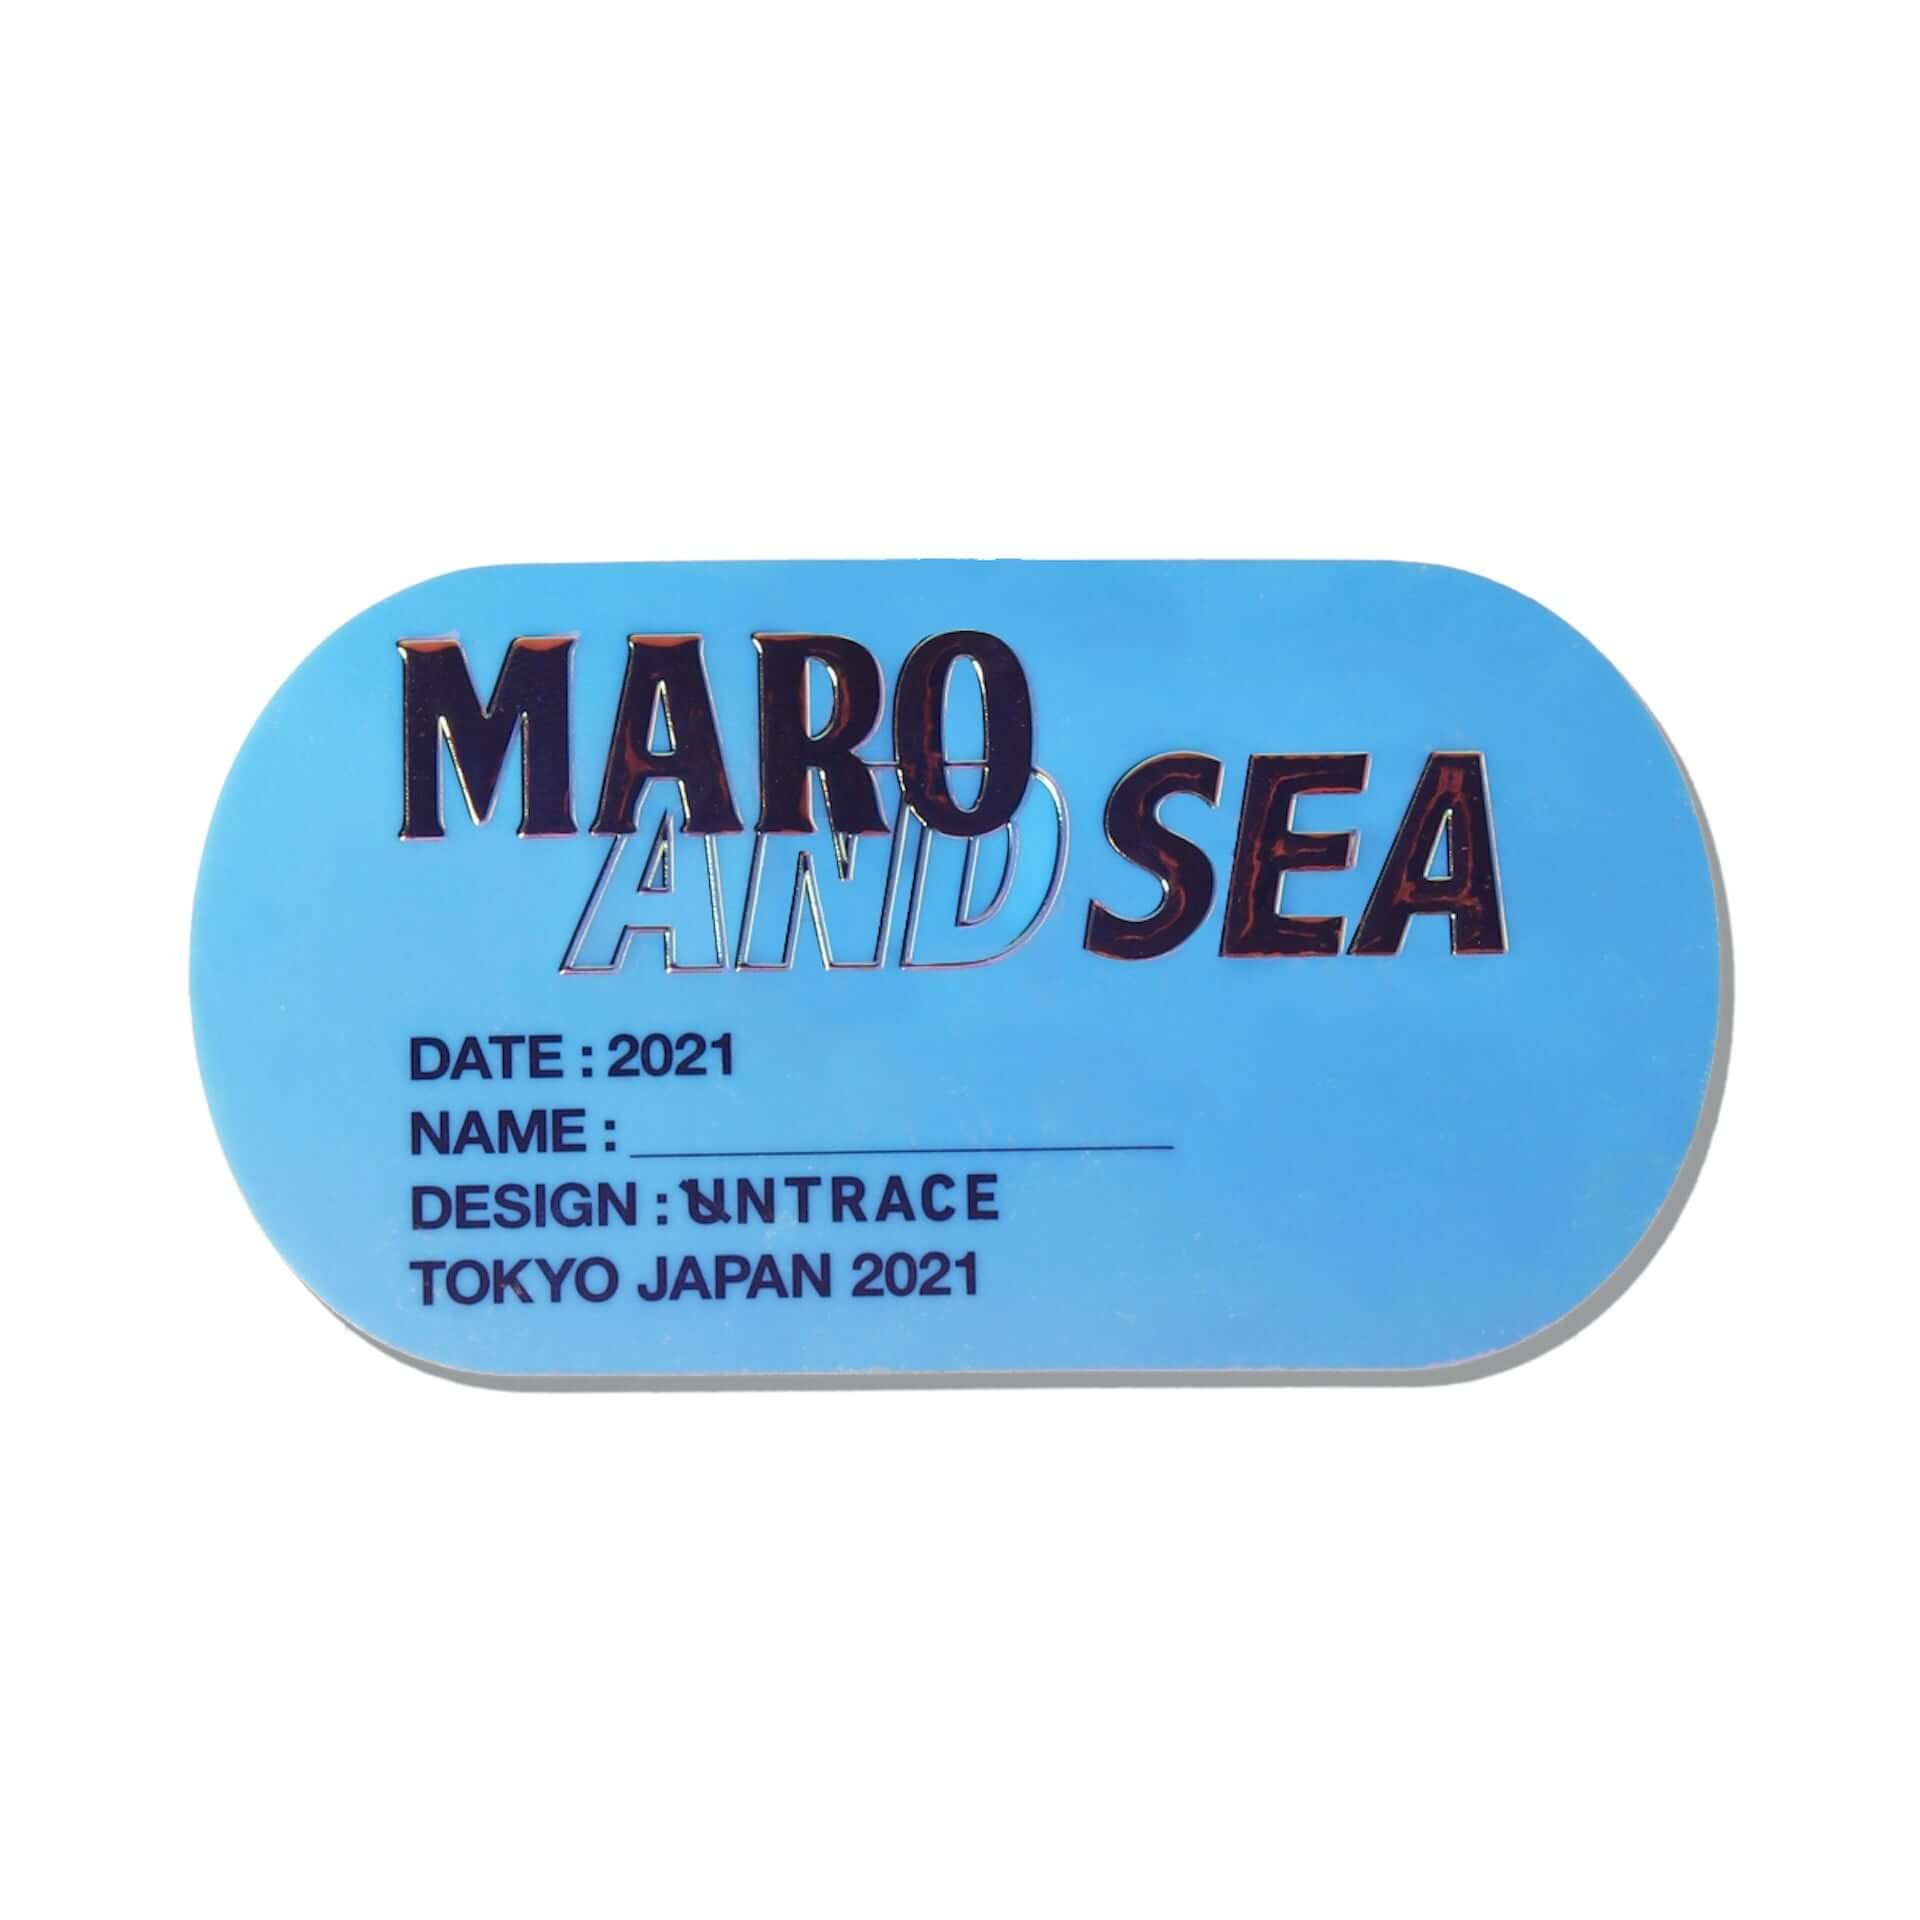 『左ききのエレン』特別篇に登場したMAROとWIND AND SEAのコラボアイテムが現実に!Tシャツとボトルセットが発売決定 lf210310_eren-maro-windandsea_13-1920x1920